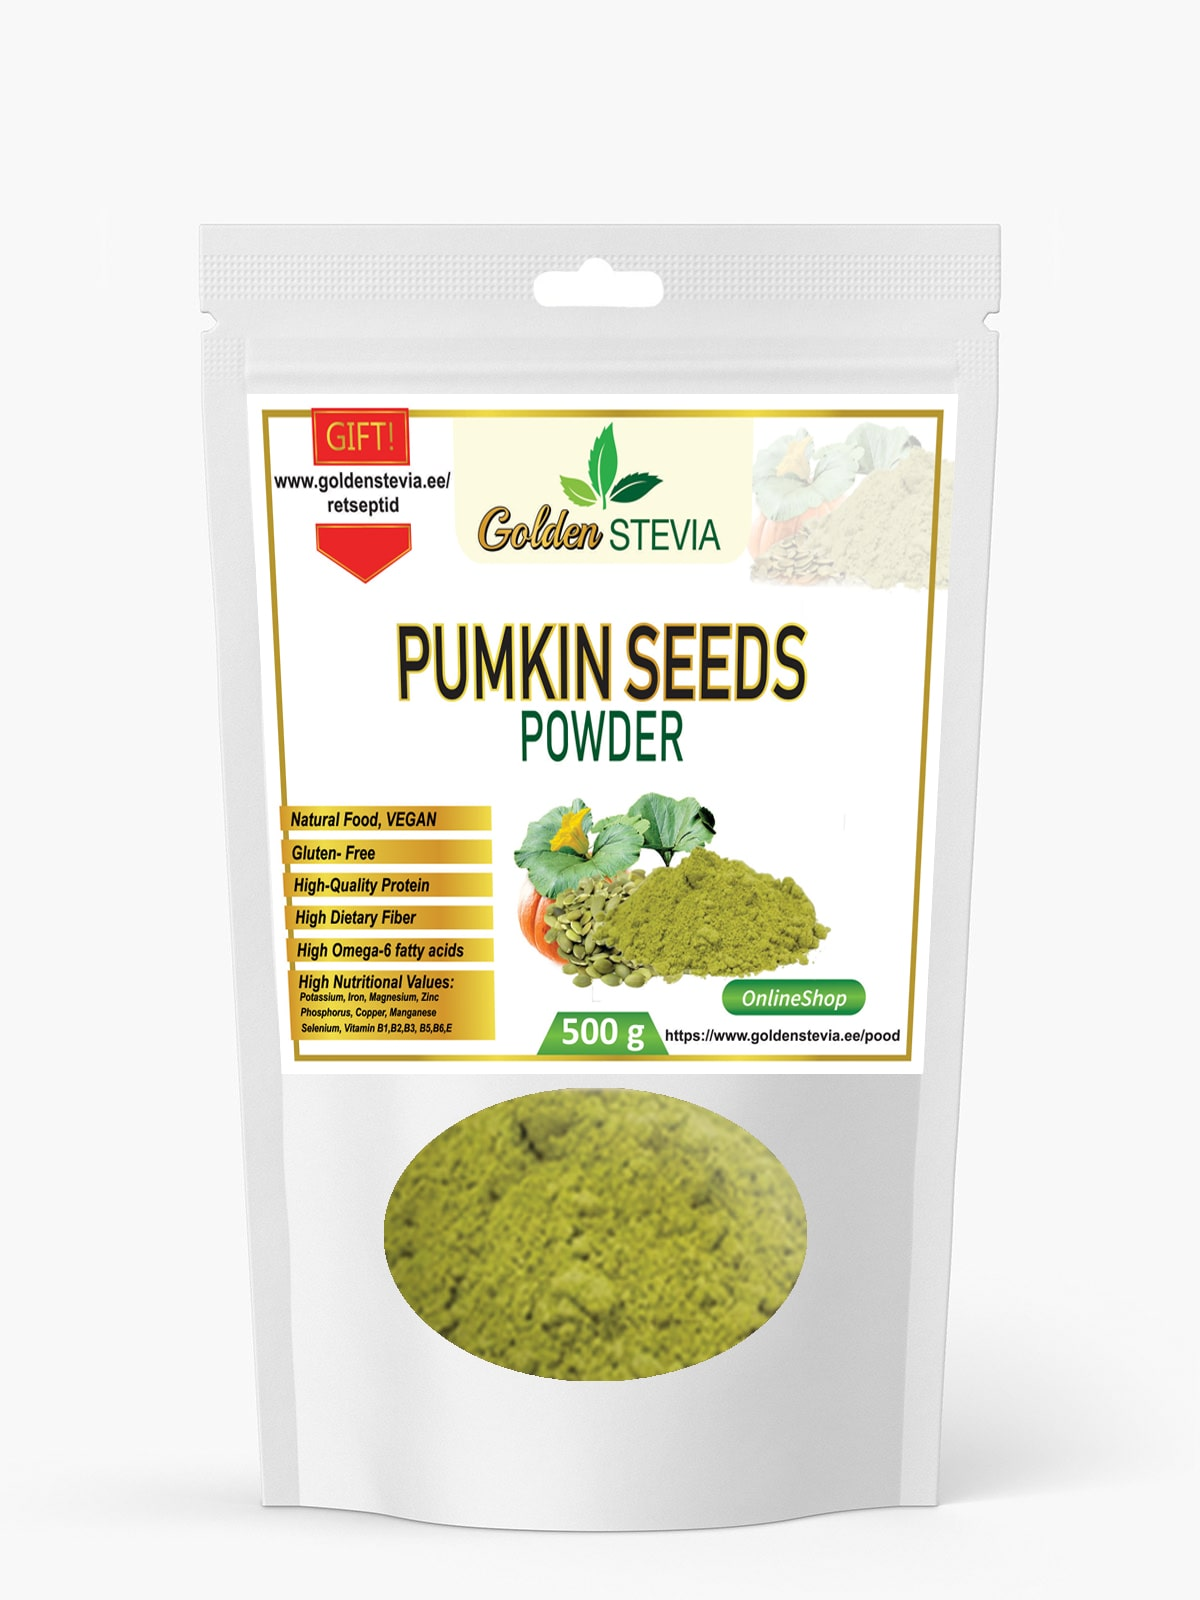 Kõrvitsa seemnetest tehtud pulber, kõrvitsaseemne jahu